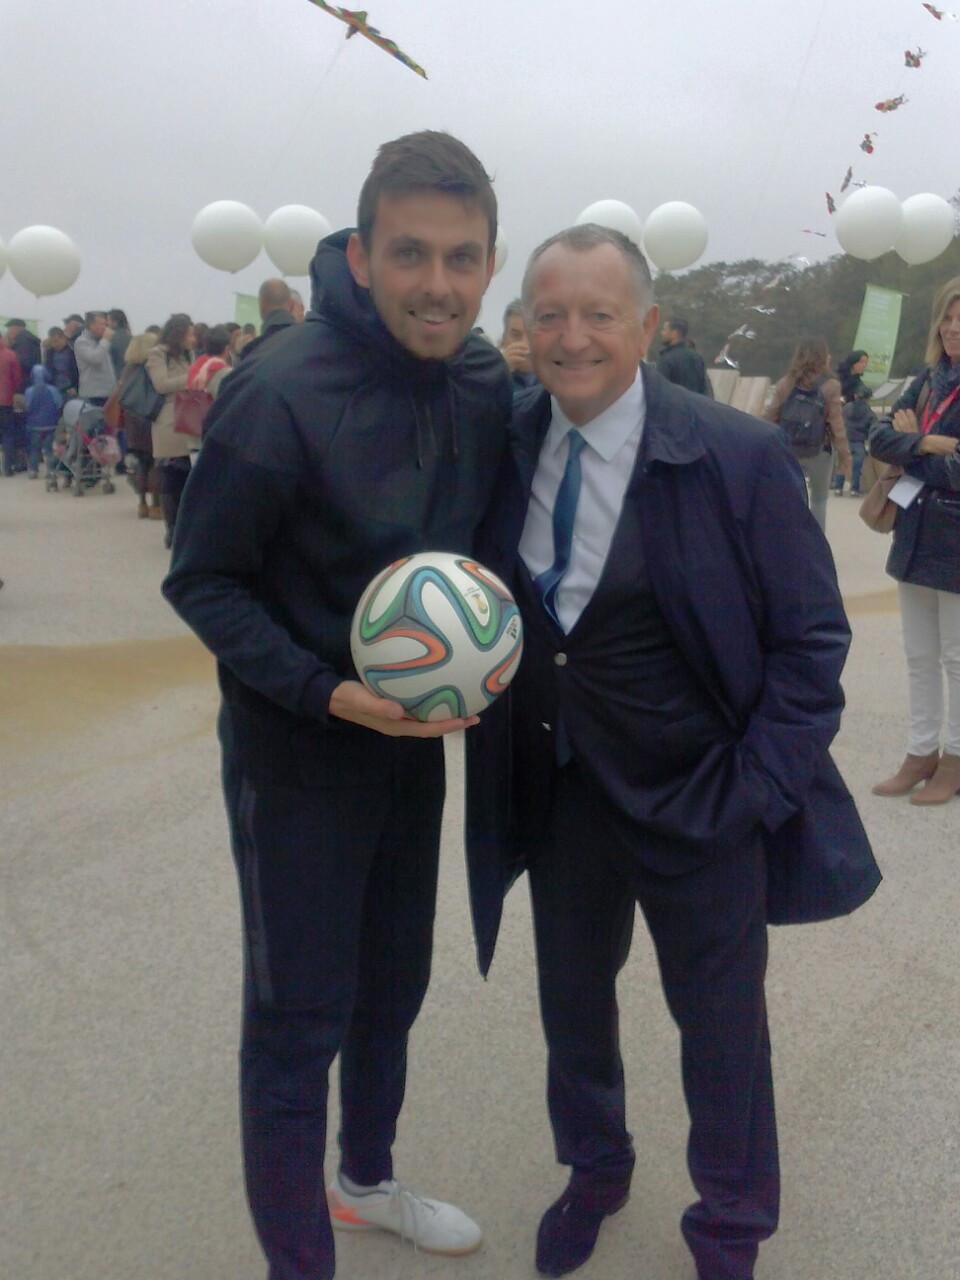 Show Freestyle Football à Lyon, Corentin Baron avec Jean Michel Aulas président de l'OL pour l'inauguration des nouveaux espaces du groupama stadium, stade de l'olympique Lyonnais.